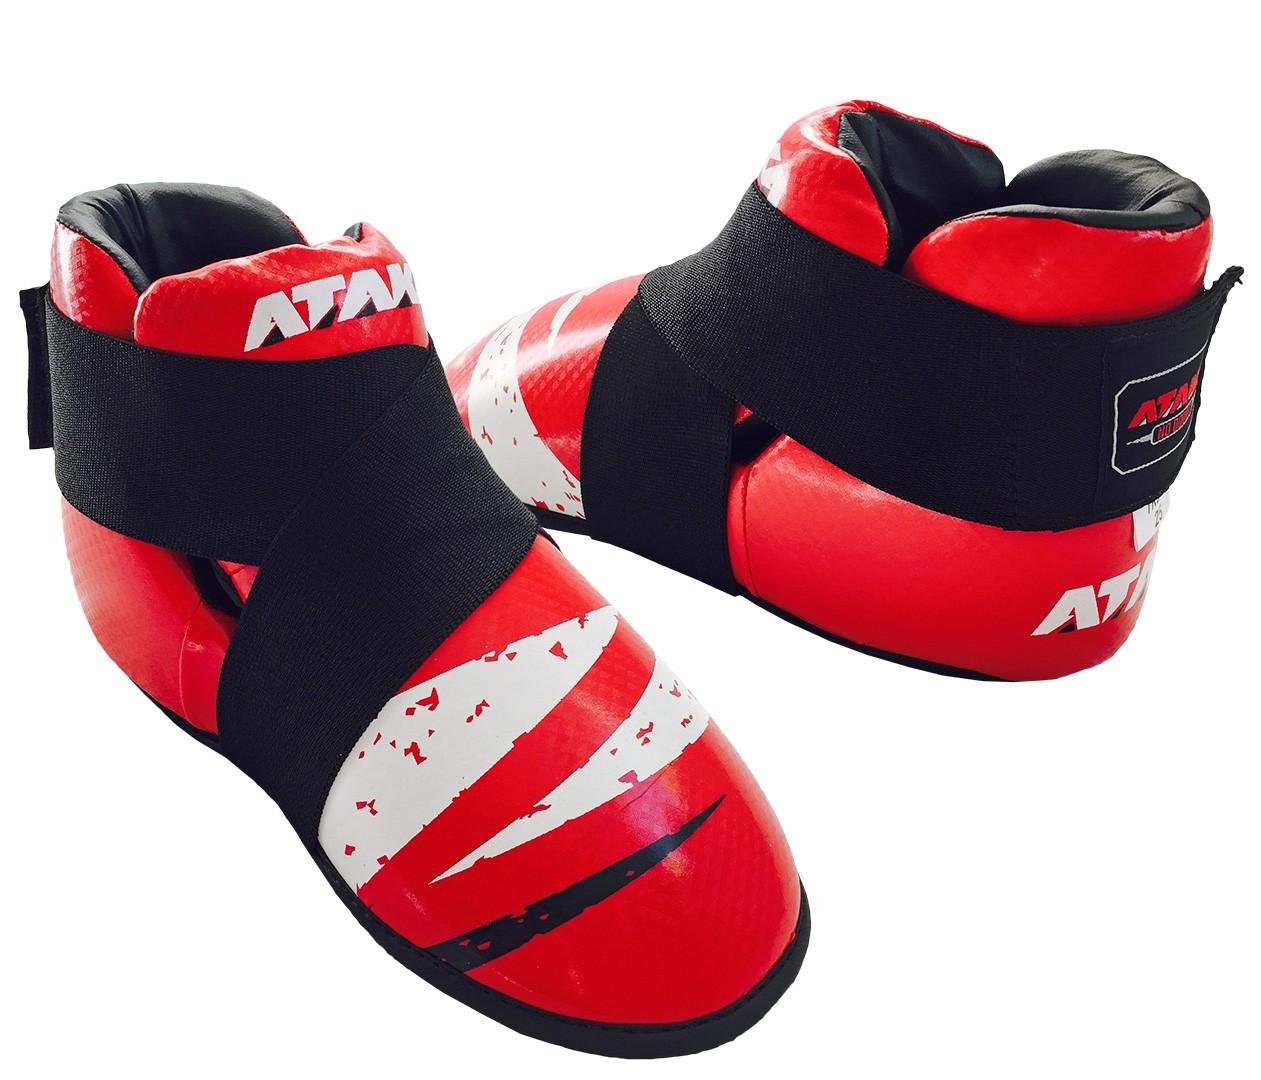 Защита стопы (футы) для тхэквондо ИТФ  ГТФ и кикбоксинга АТАКА Carbon